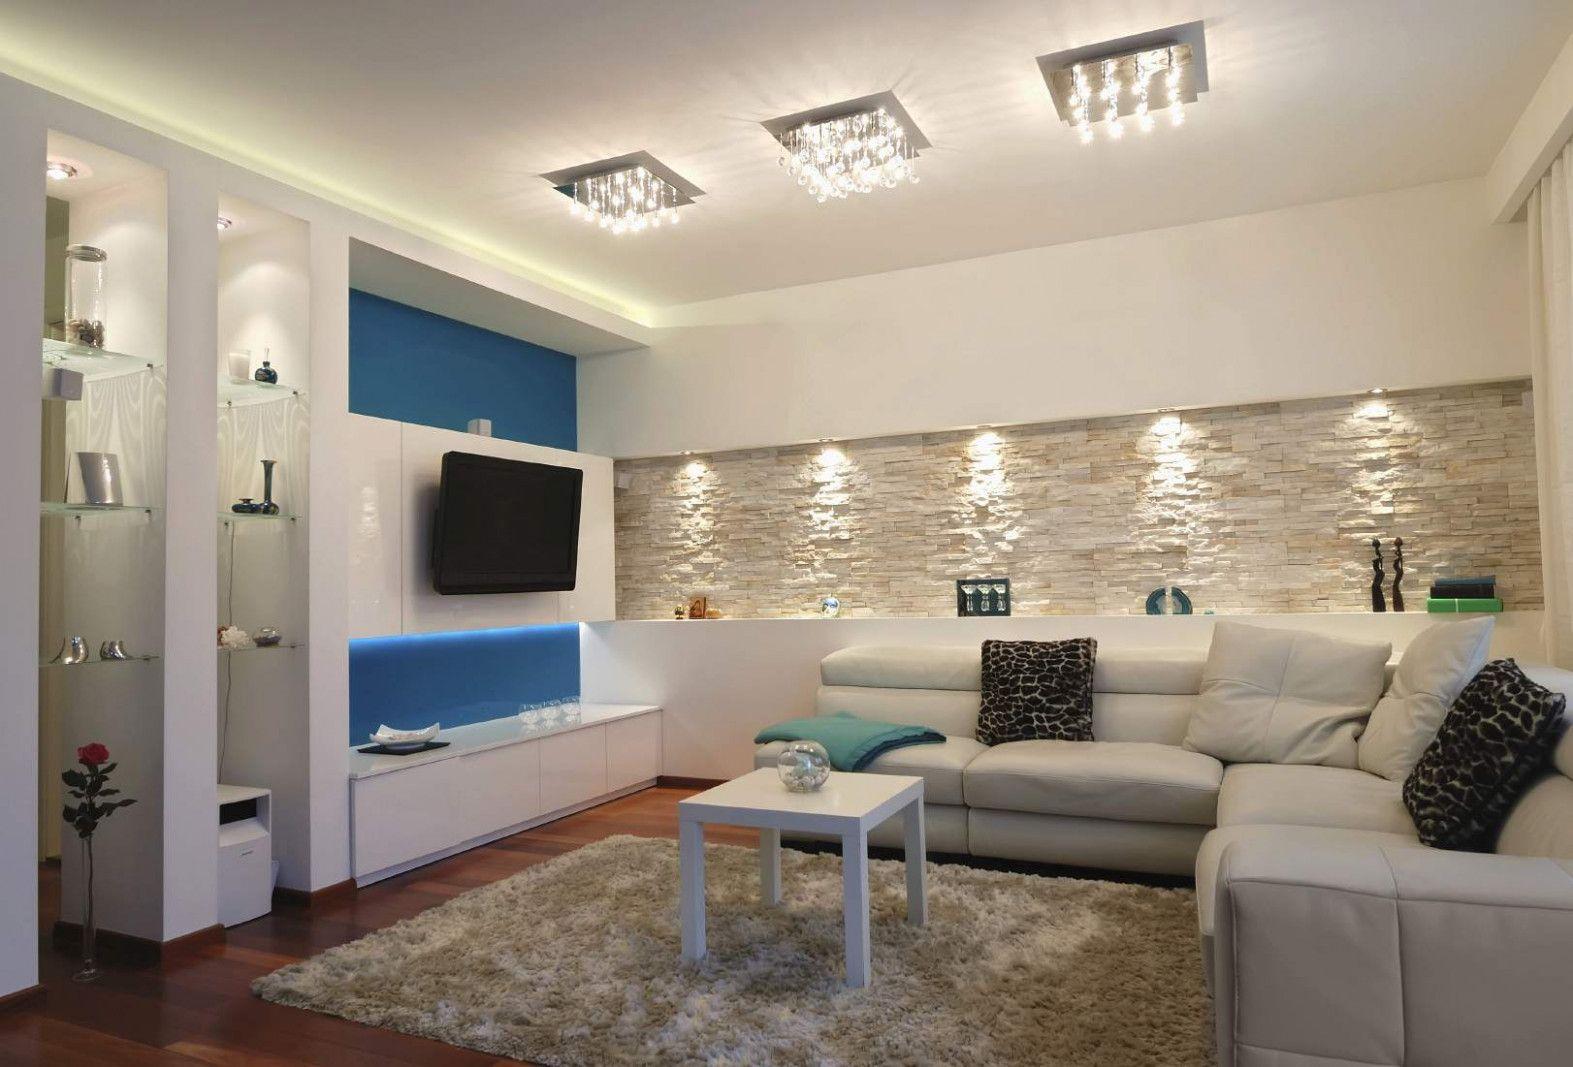 Gestaltung Wohnzimmer Ideen  Beleuchtung wohnzimmer, Wohnzimmer